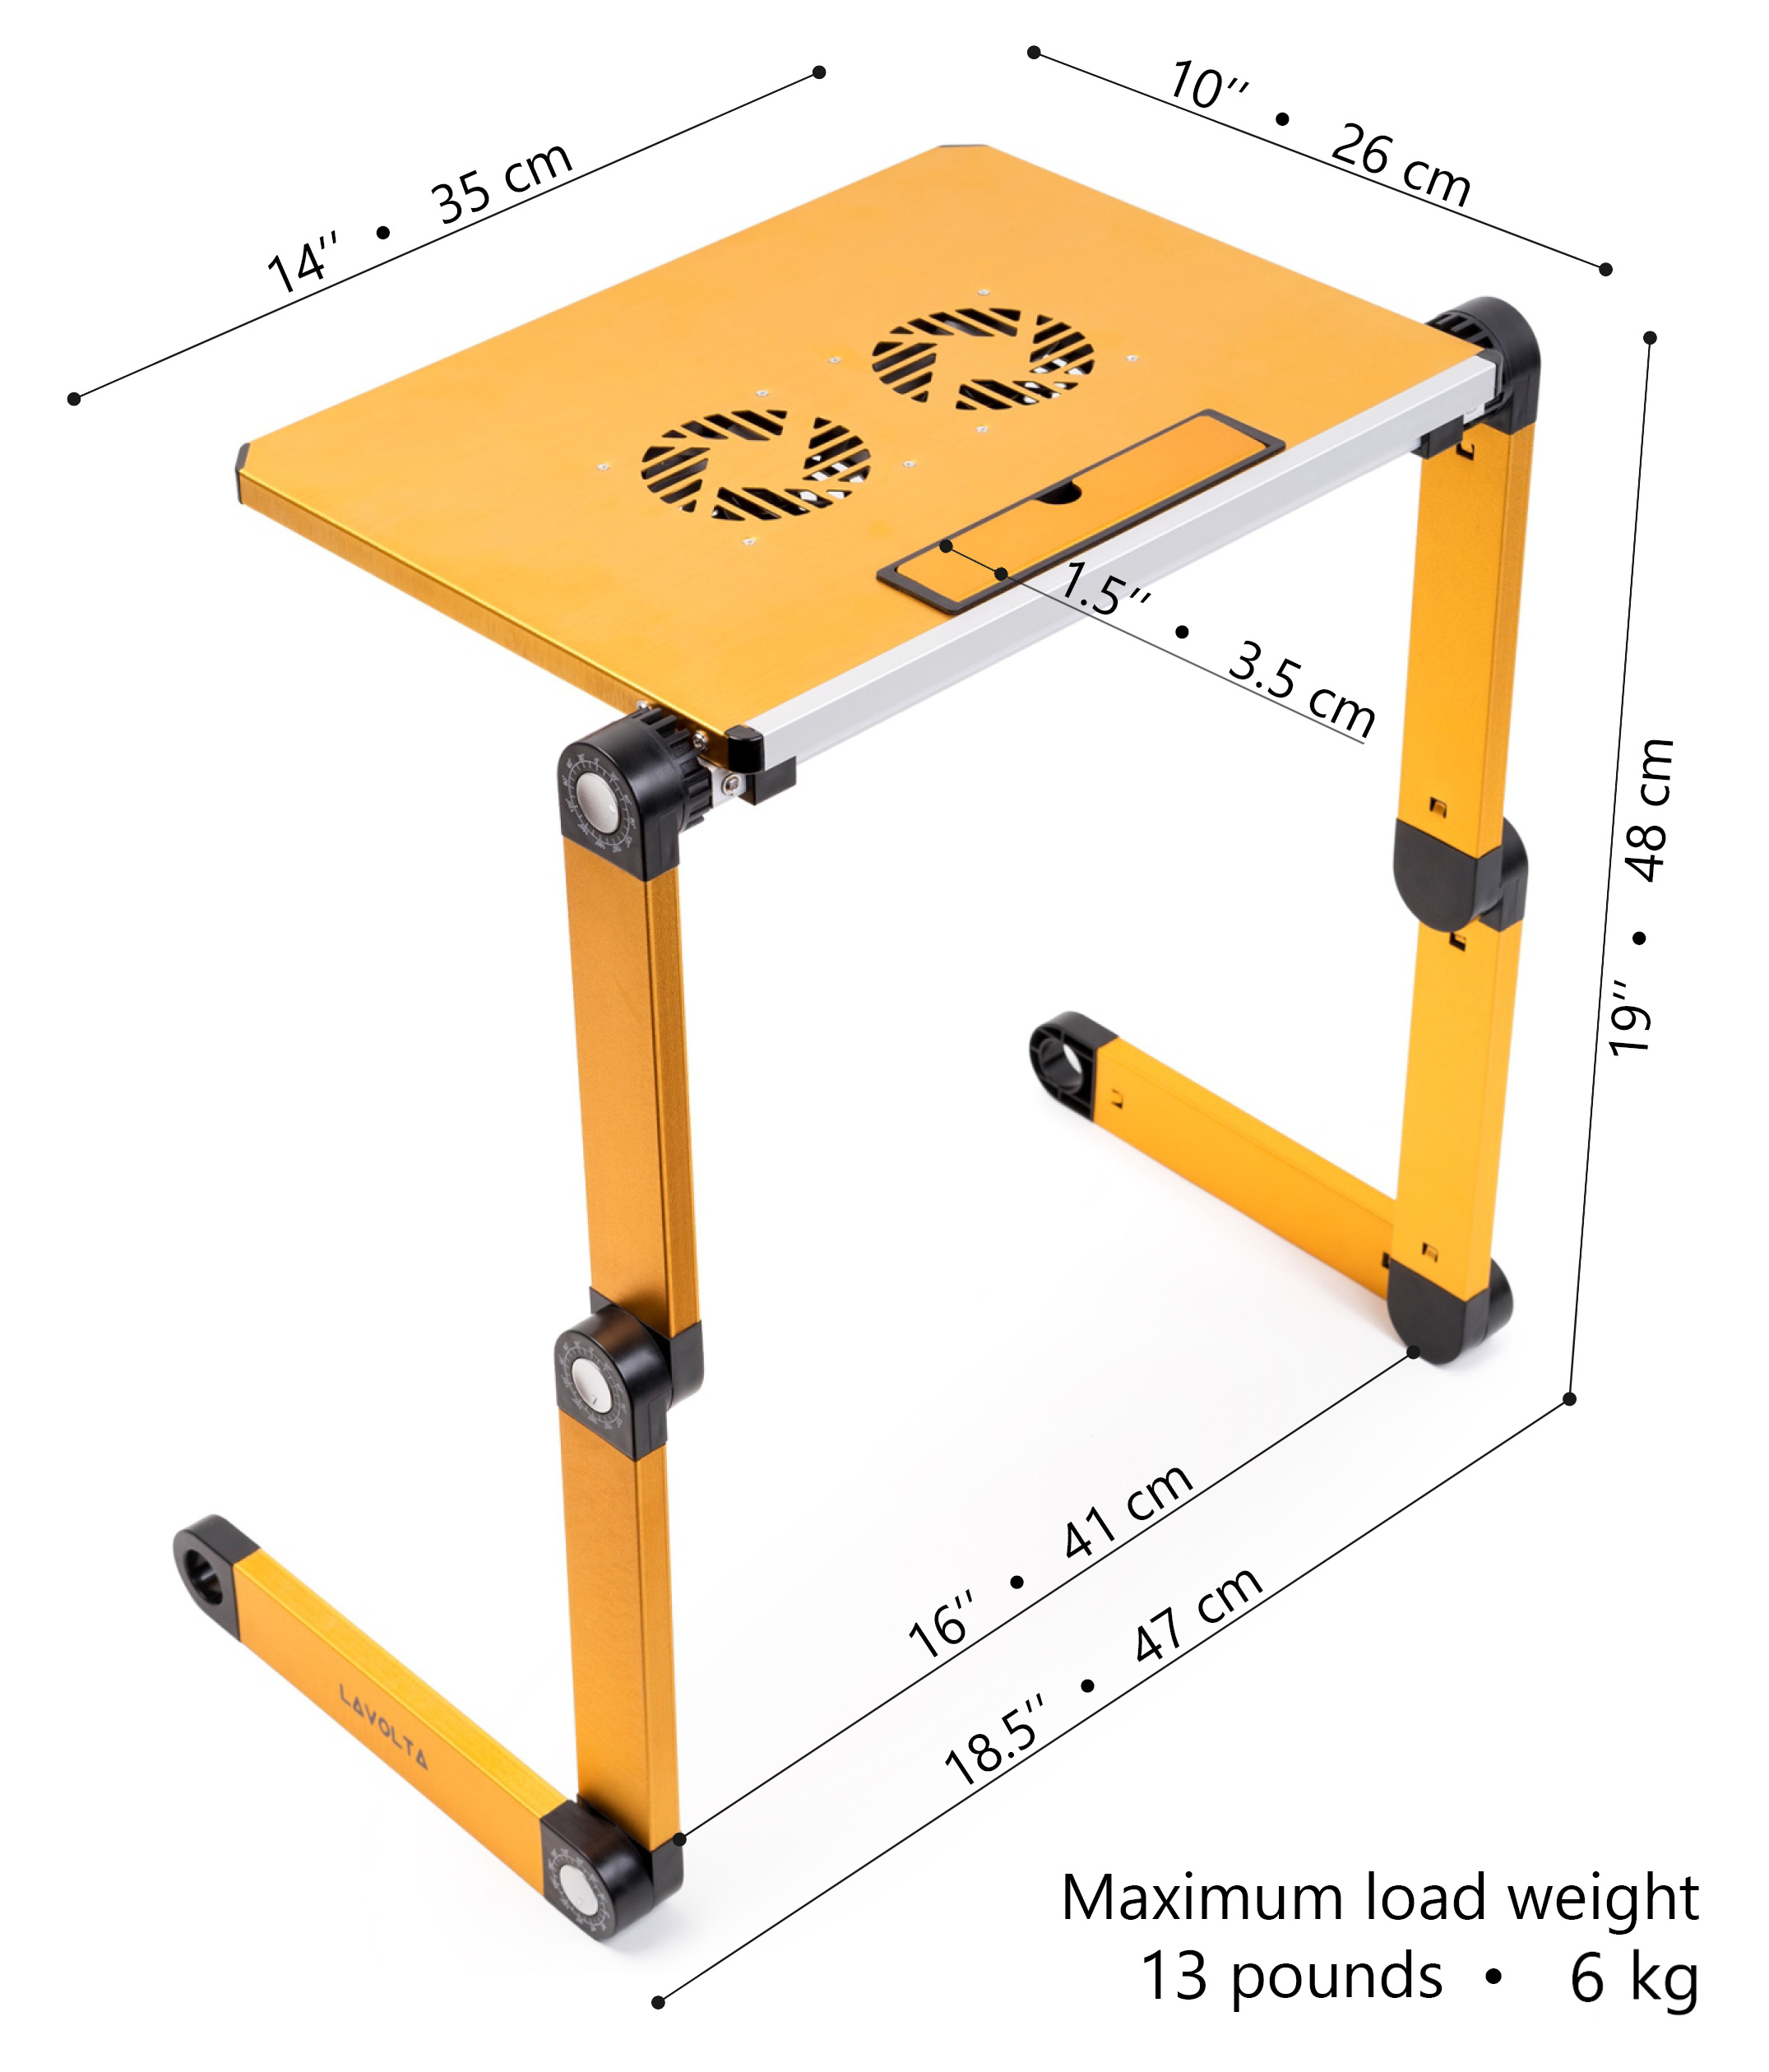 lavolta notebook laptop st nder tisch k hler 2x l fter gelb ebay. Black Bedroom Furniture Sets. Home Design Ideas